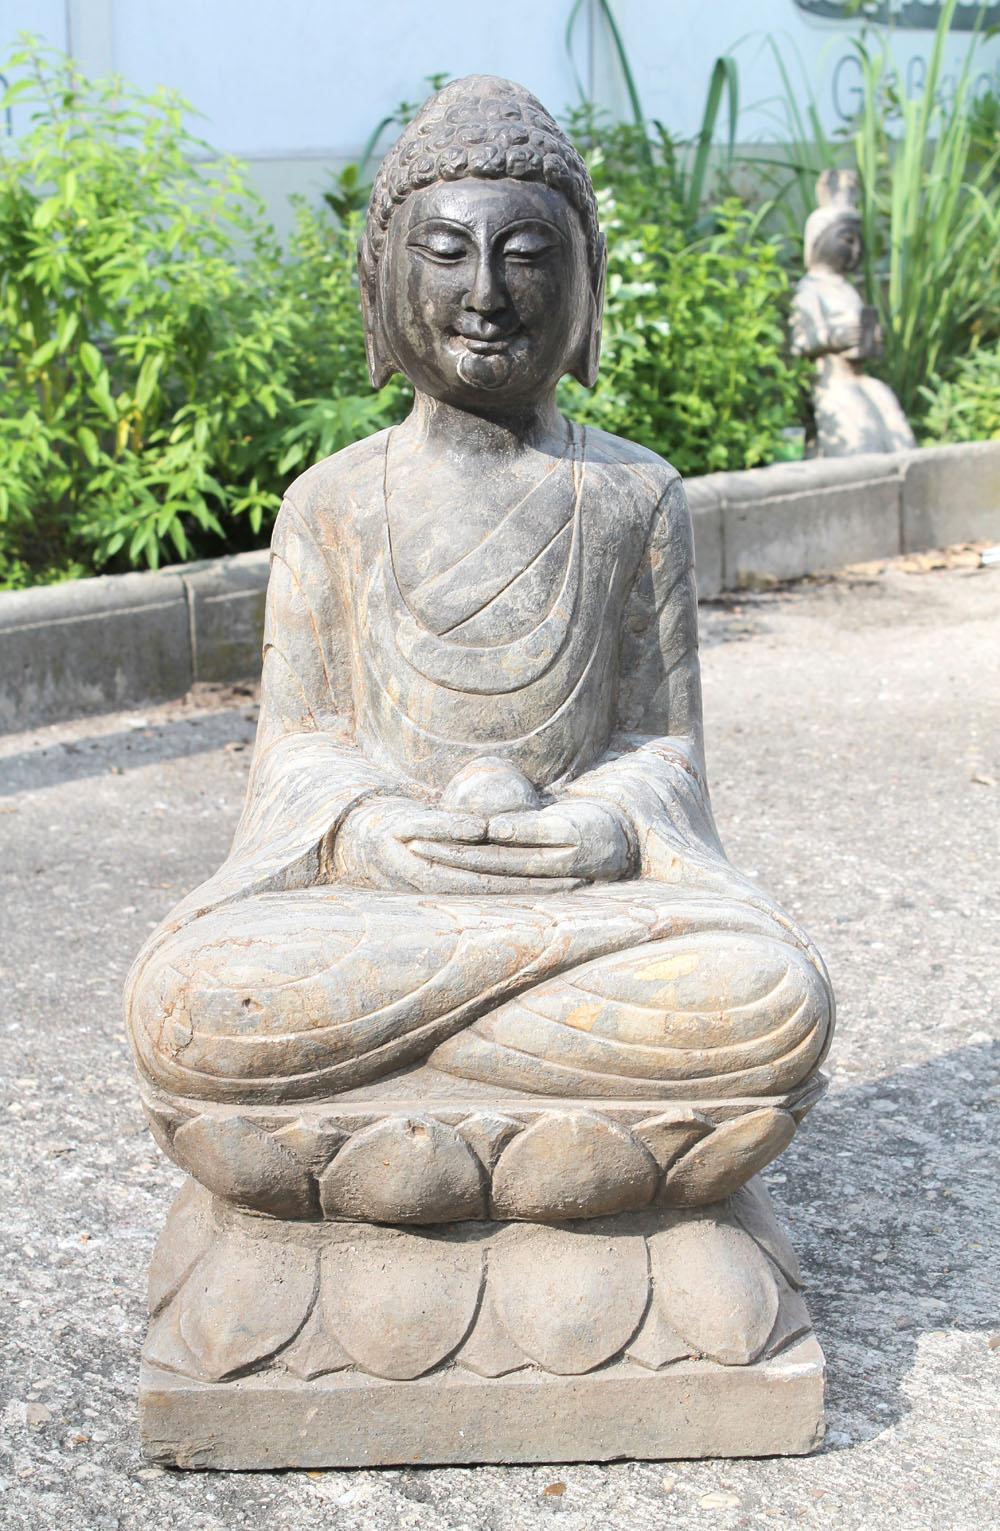 gro er meditation naturstein buddha china 20jh skulptur garten stein figur asien ebay. Black Bedroom Furniture Sets. Home Design Ideas